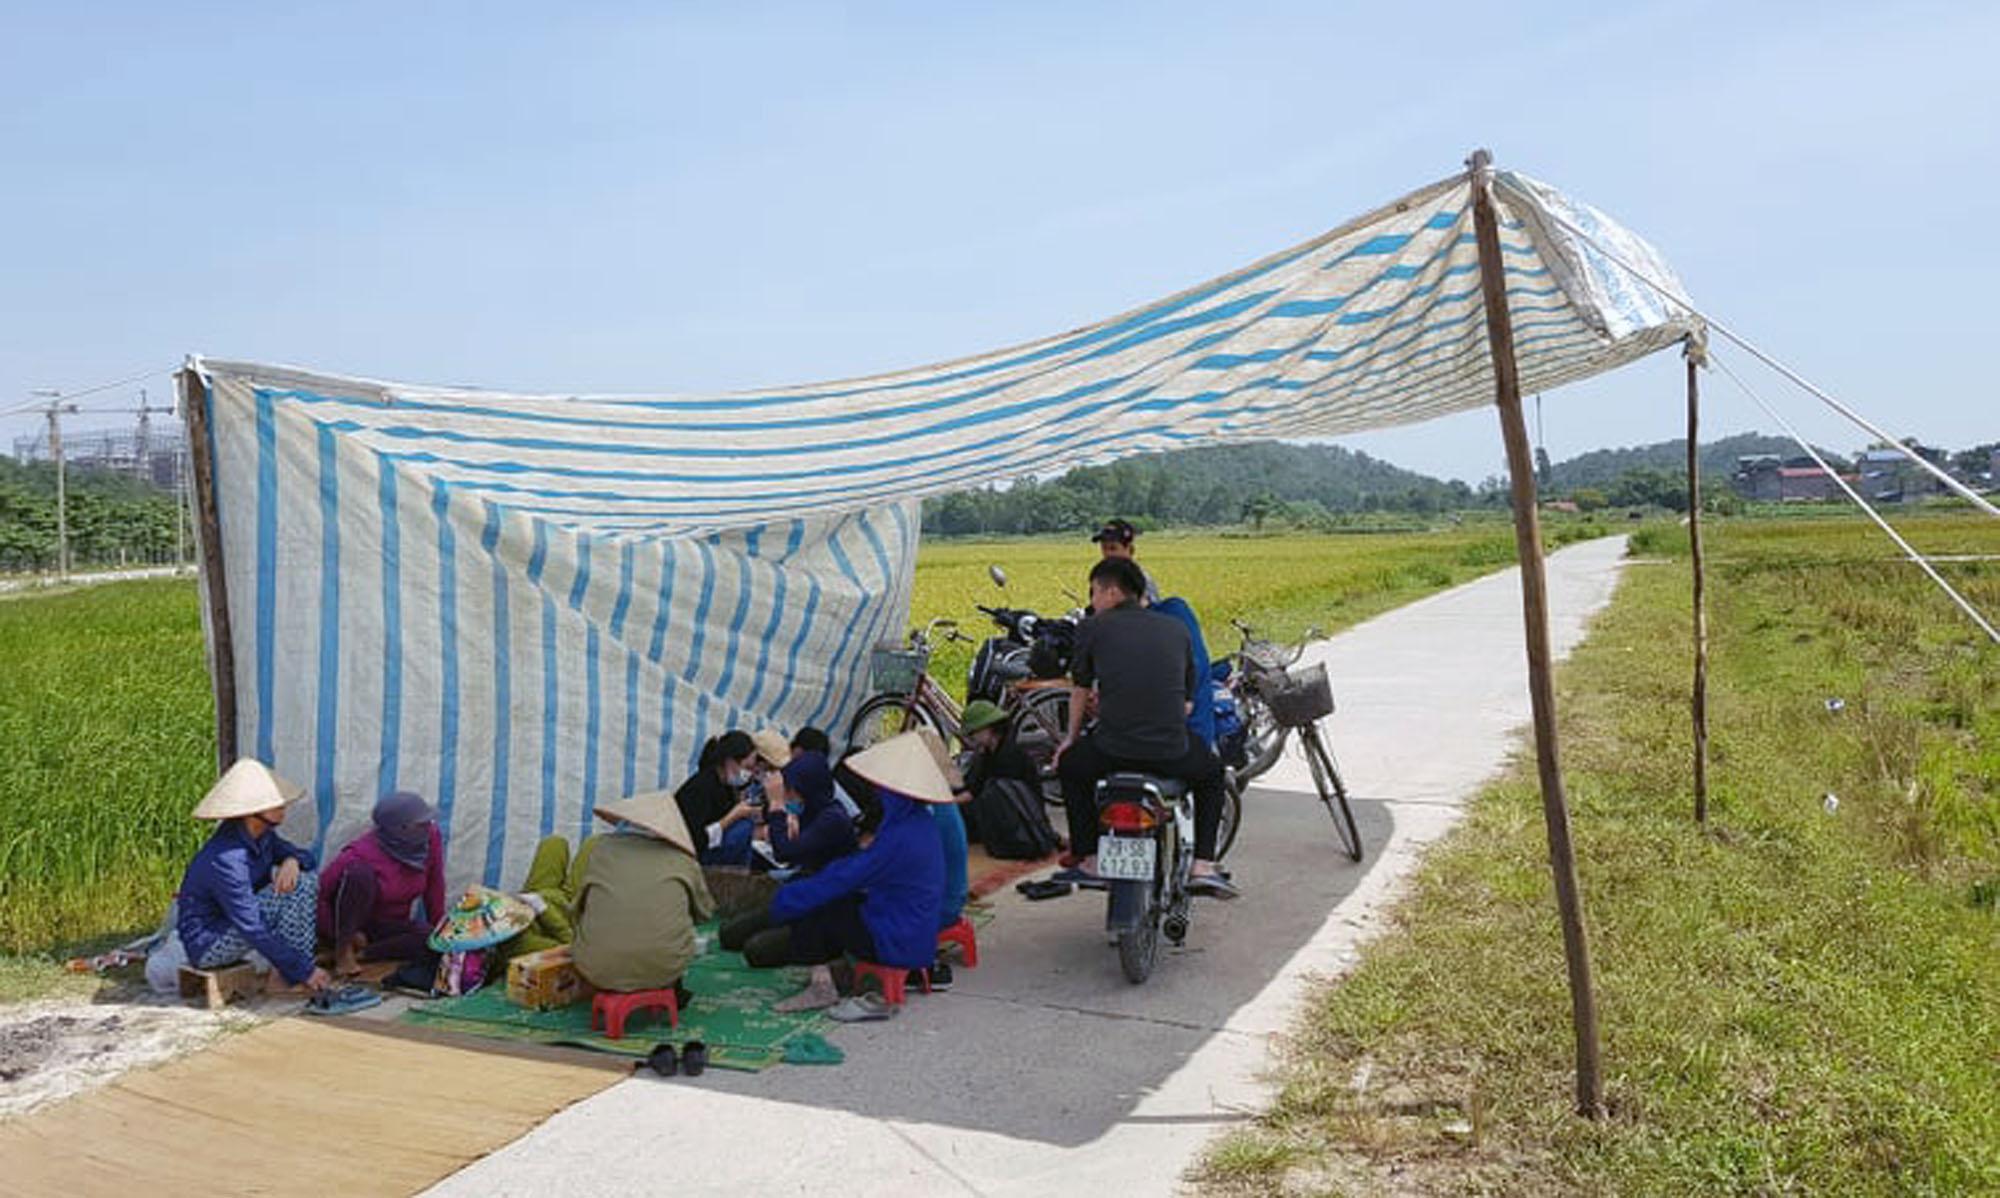 JVE đề xuất xử lí miễn phí mùi của bãi rác Nam Sơn bằng công nghệ Nhật Bản - Ảnh 2.